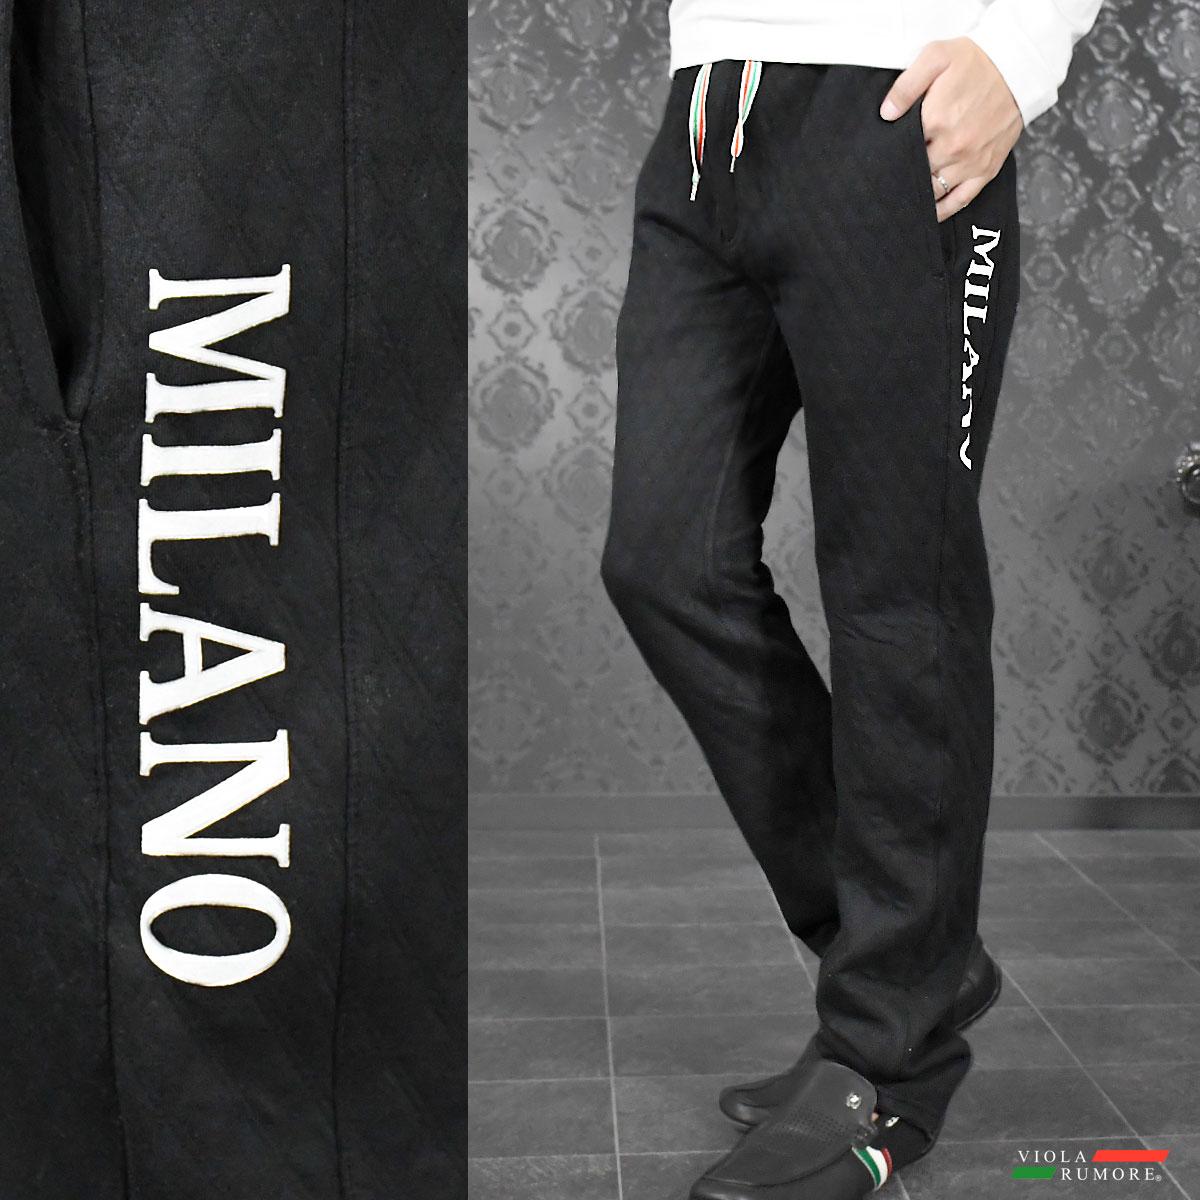 VIOLA rumore ヴィオラ ビオラ スウェットパンツ ダイヤ キルティング 中綿 ロングパンツ 無地 英字 メンズ mens(ブラック黒) 91134